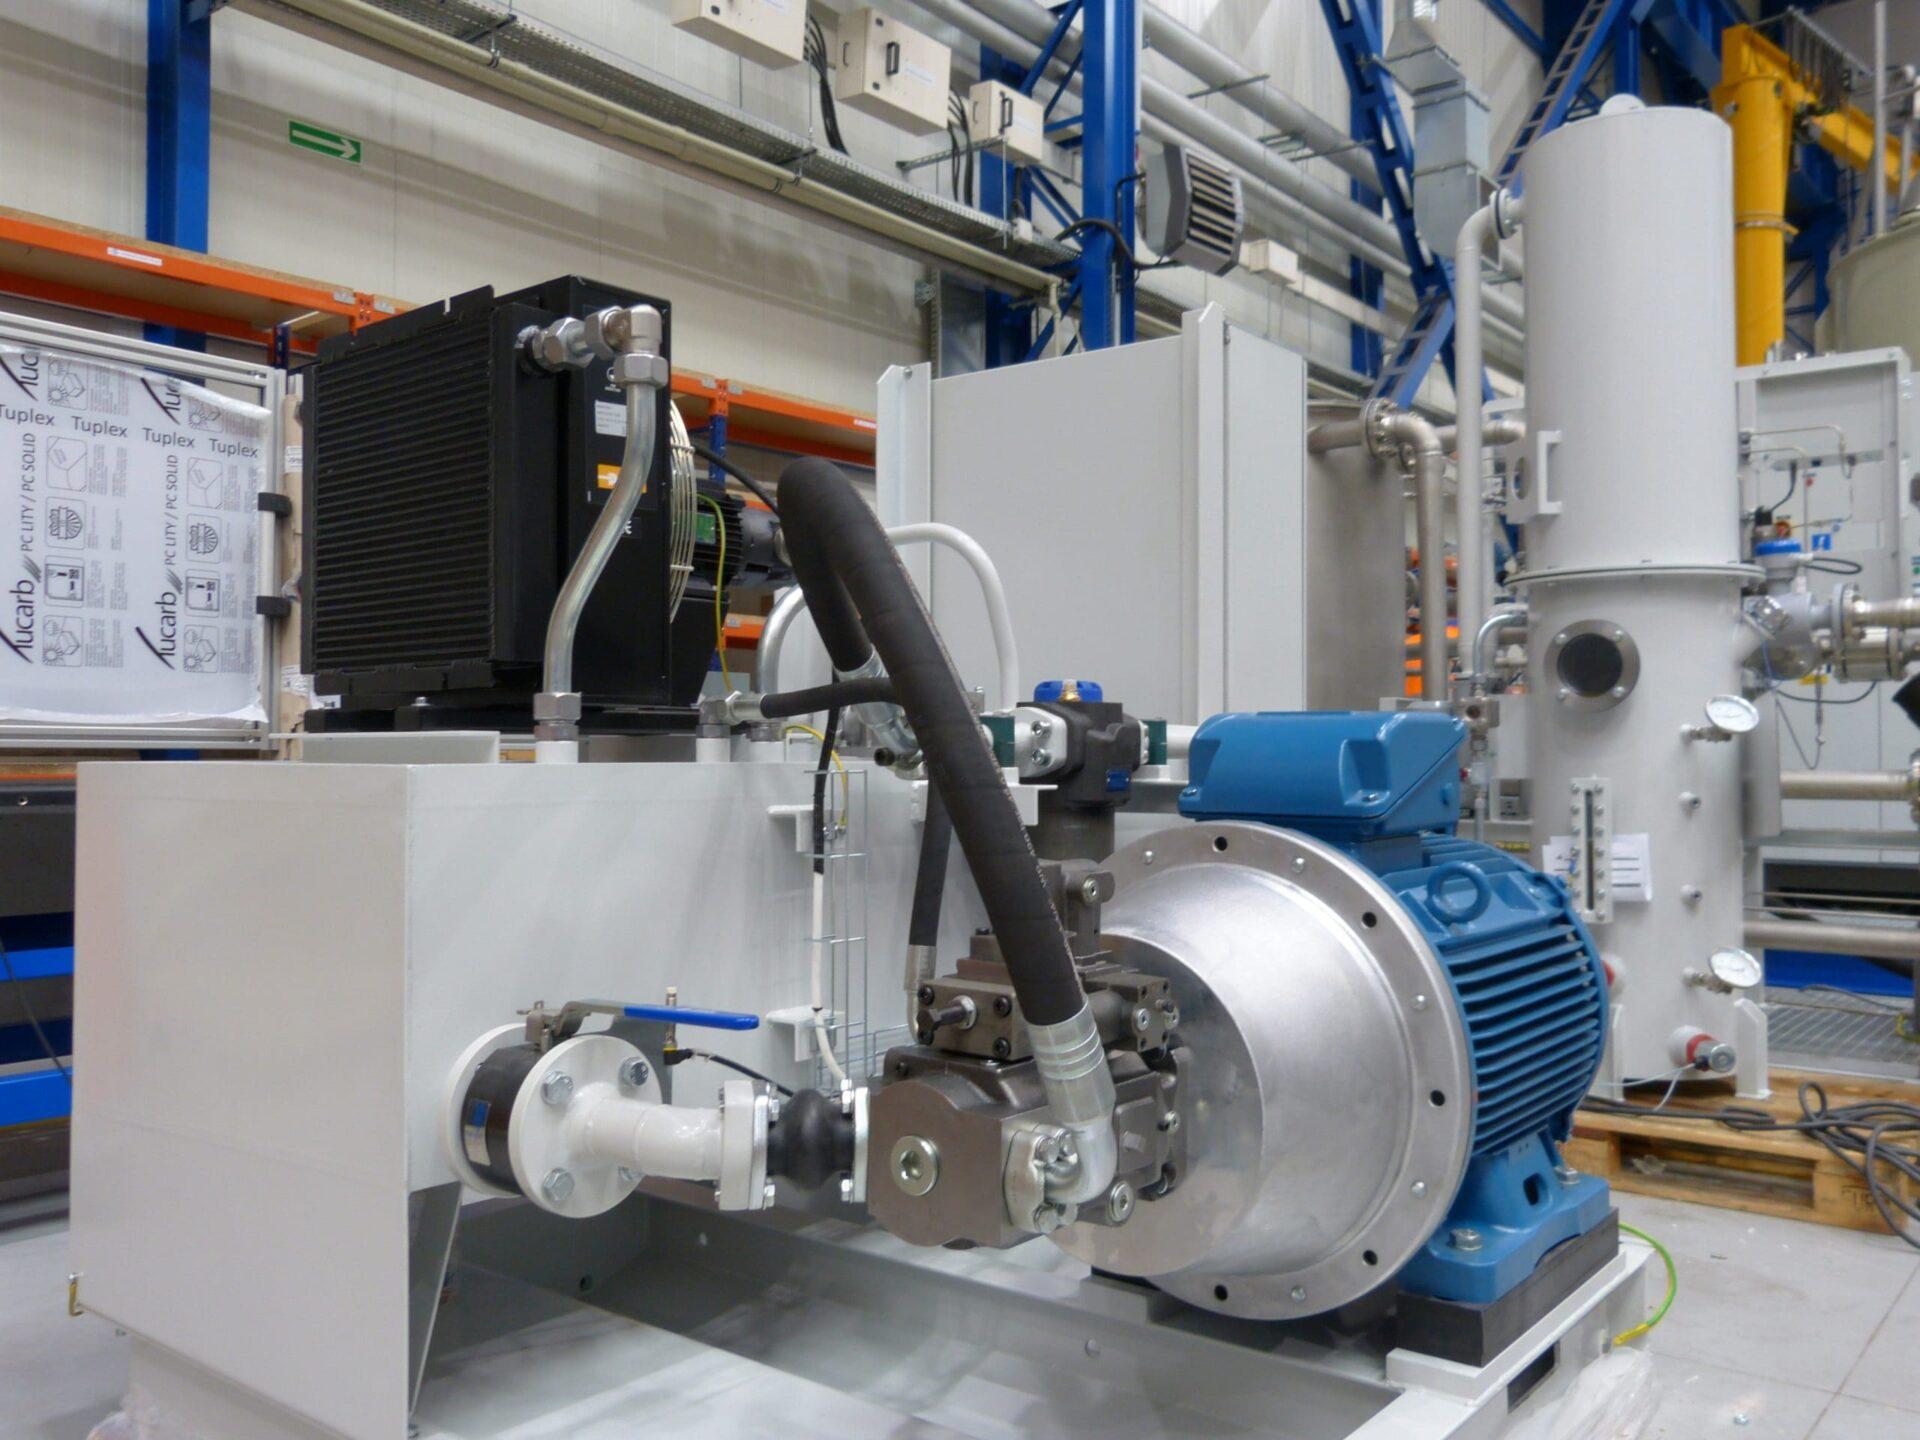 stanowisko do badania komponentow hydraulicznych scaled - Stand for checking hydraulic components